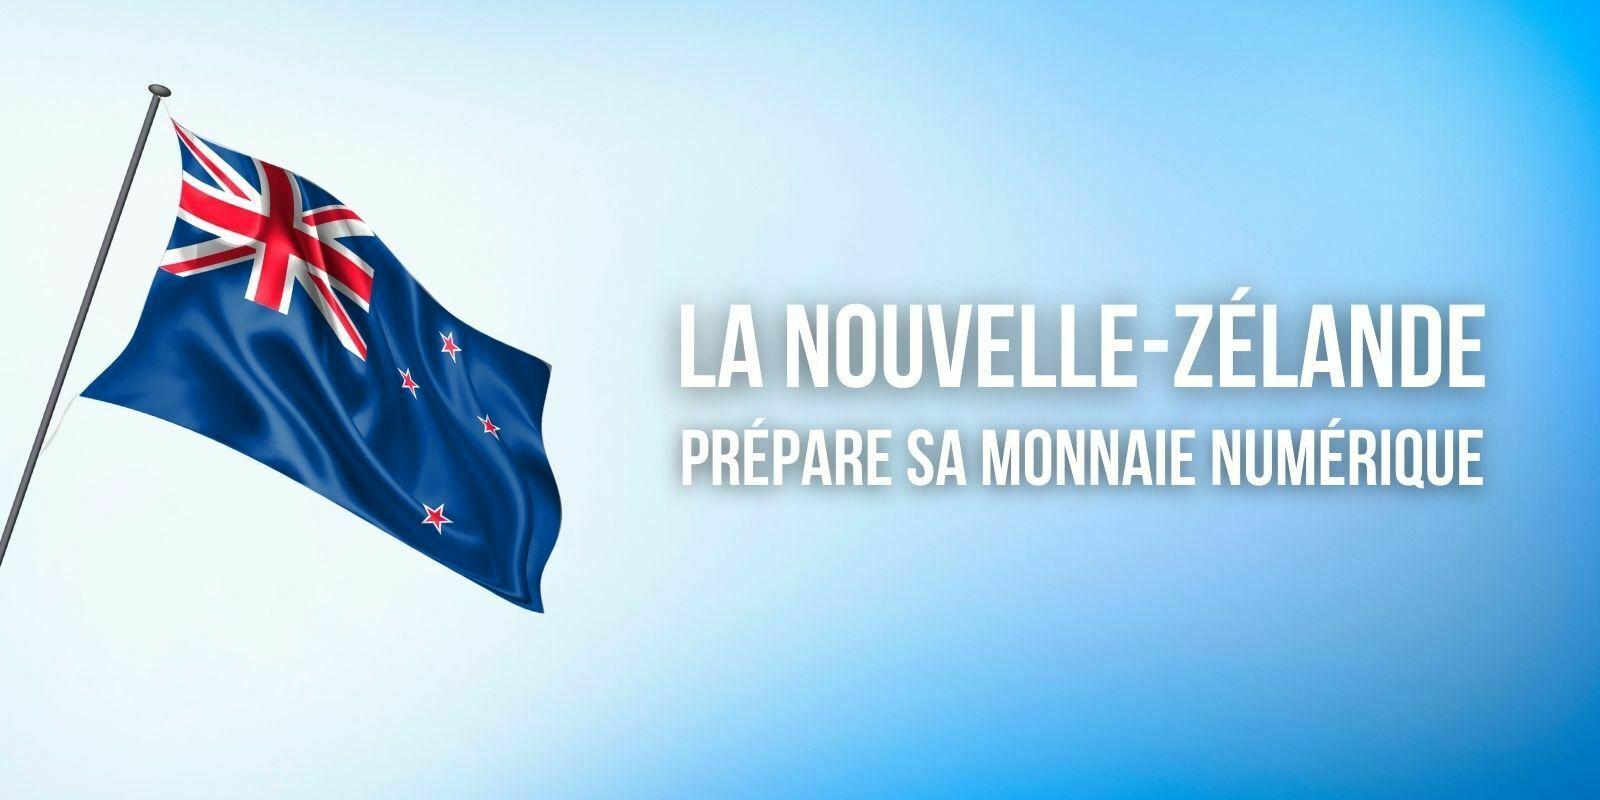 La Nouvelle-Zélande explore la création d'une monnaie numérique